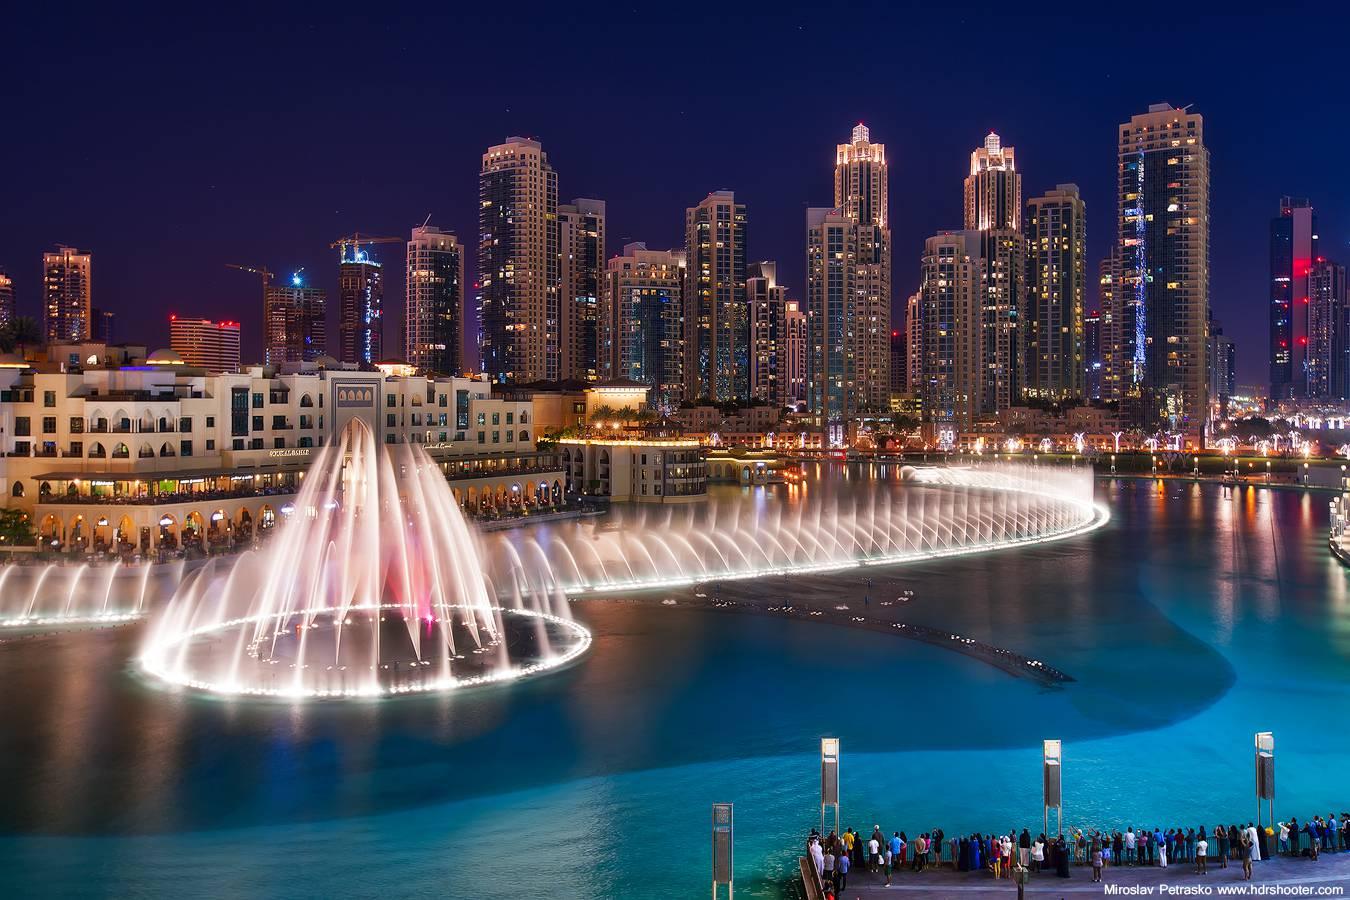 Quand aller à Dubaï aux Emirats arabes unis ?